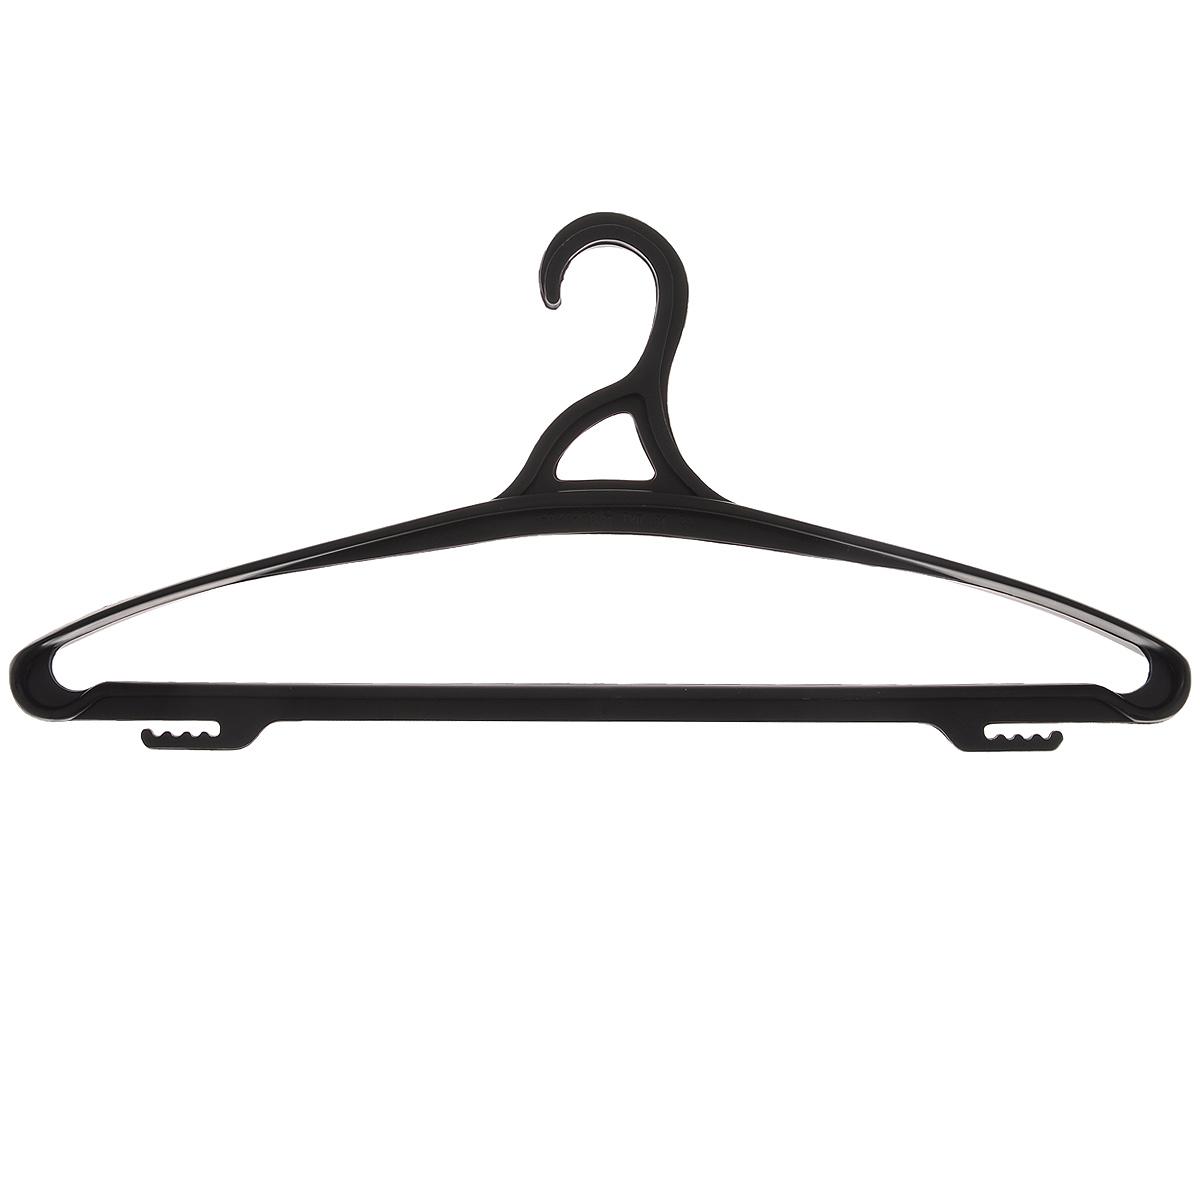 Вешалка для одежды Бытпласт, цвет: черный, размер 48-50 цена